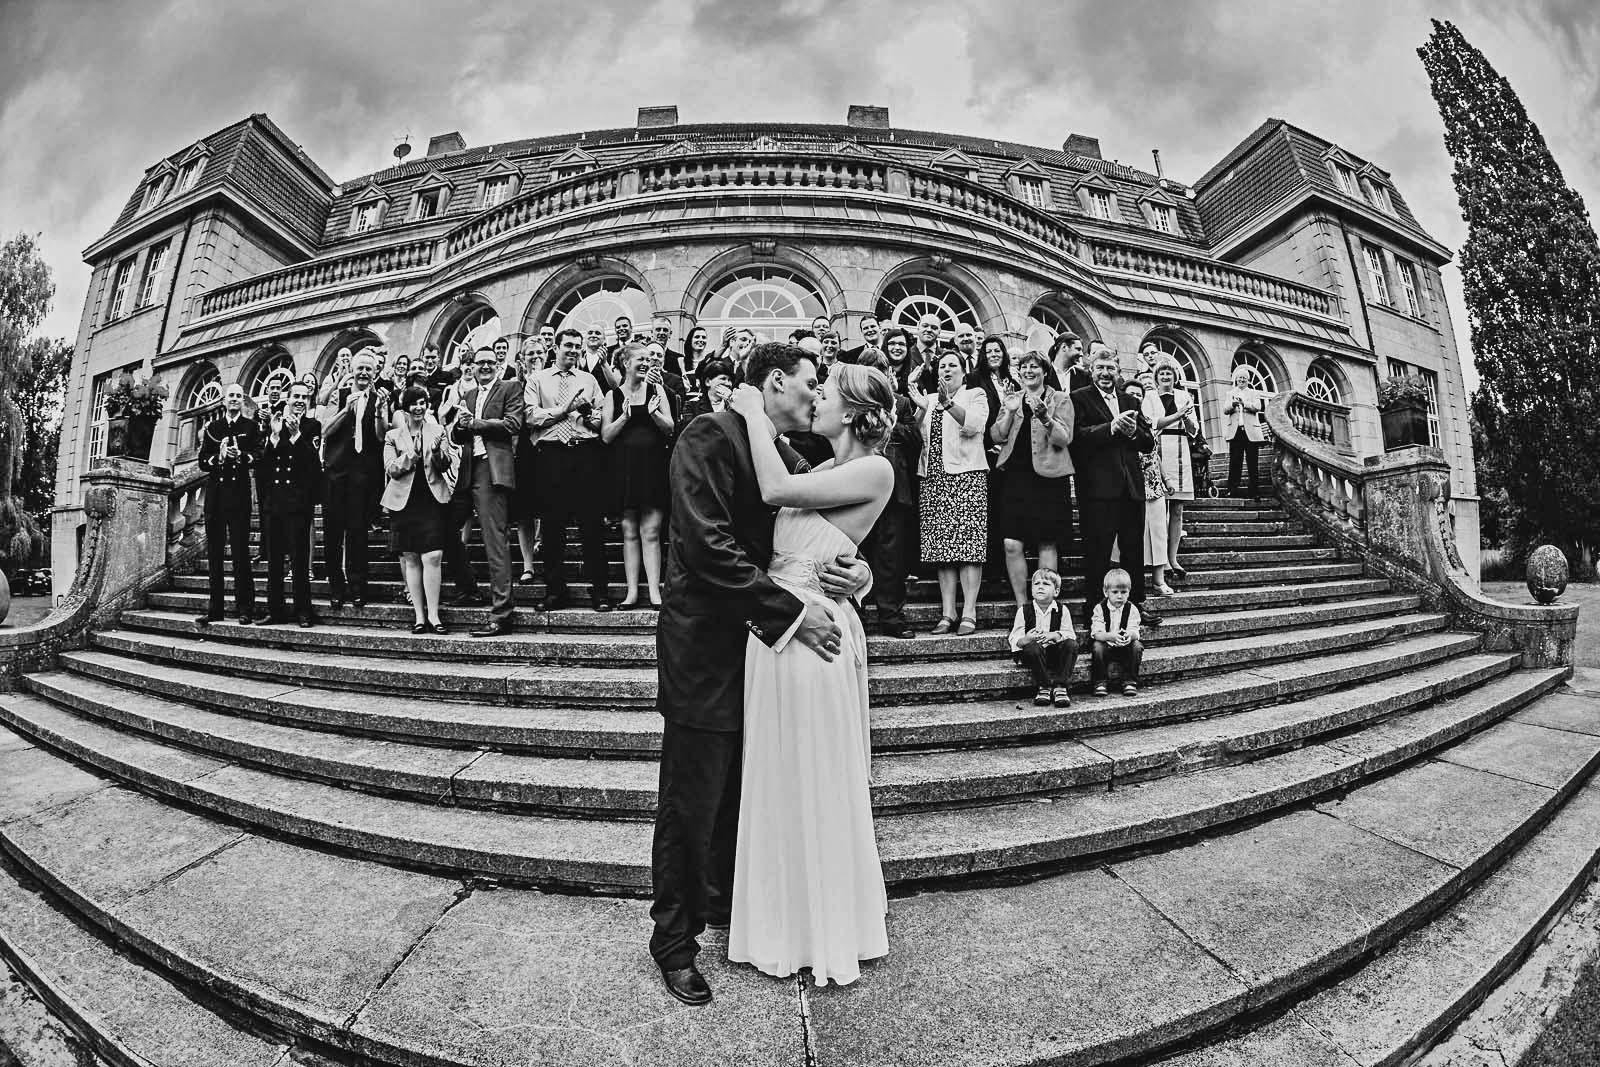 Gruppenfoto einer Hochzeit am Jagdschloss Bellin Copyright by Hochzeitsfotograf www.berliner-hochzeitsfotografie.de